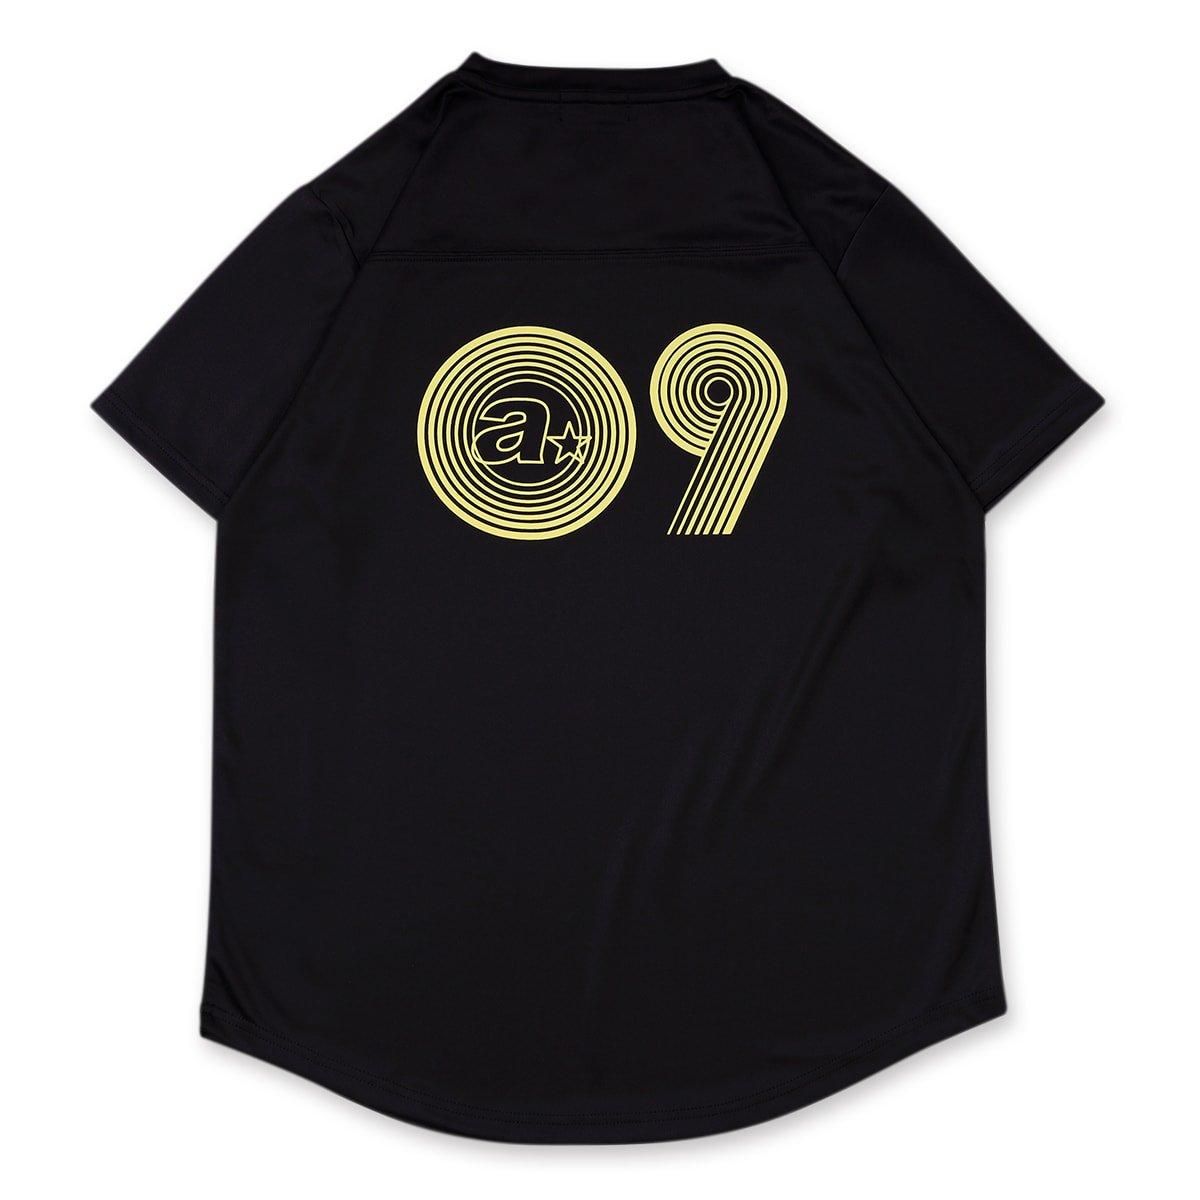 バスケ アーチ スポーティーロゴ09 Tシャツ ブラック